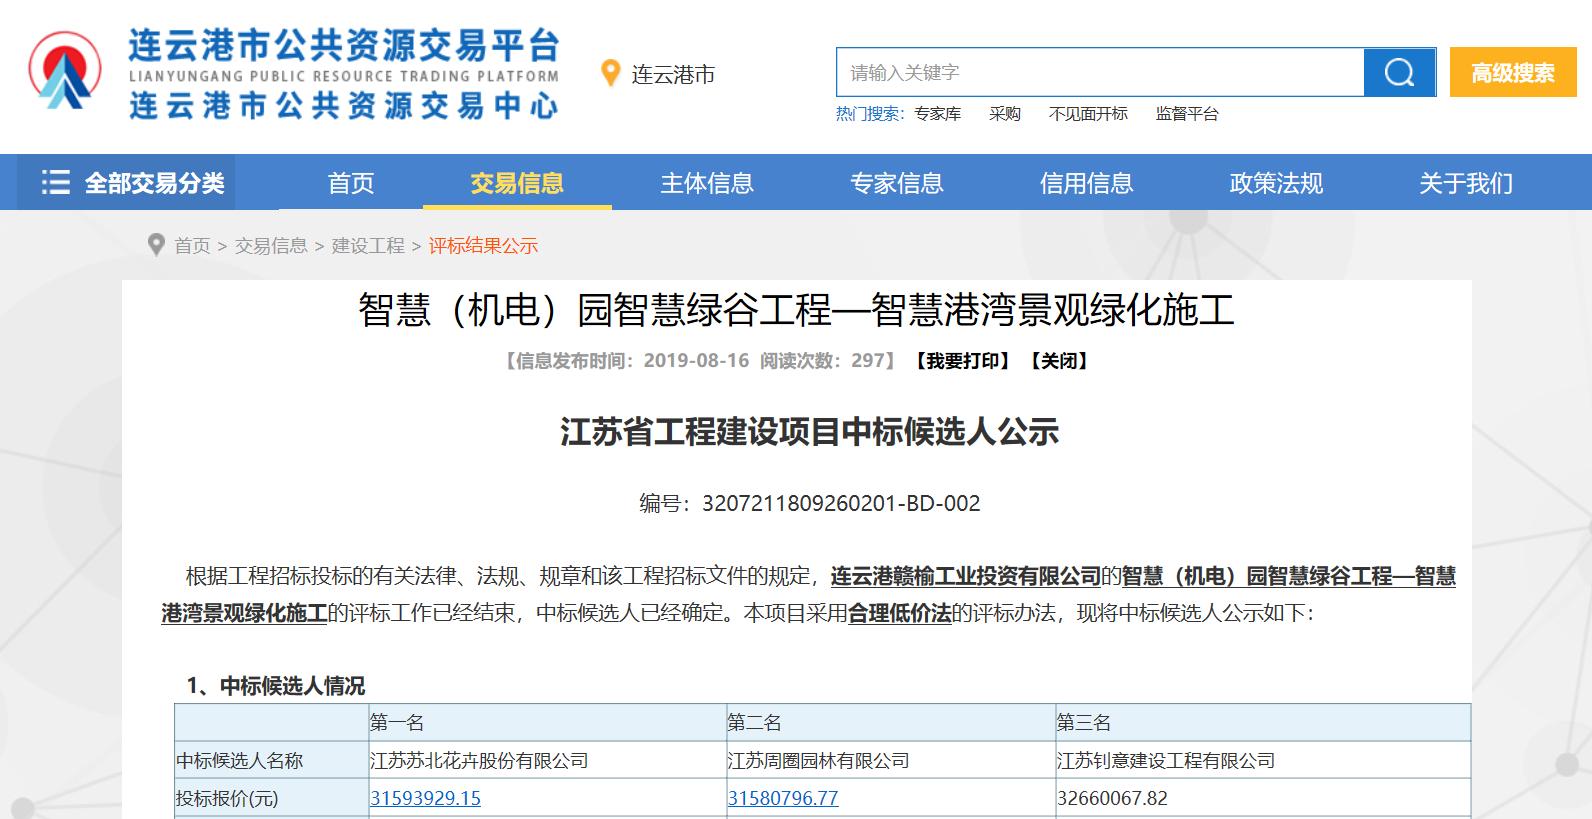 """为企业减压,江苏建设工程招投标""""尝鲜""""电子保函"""